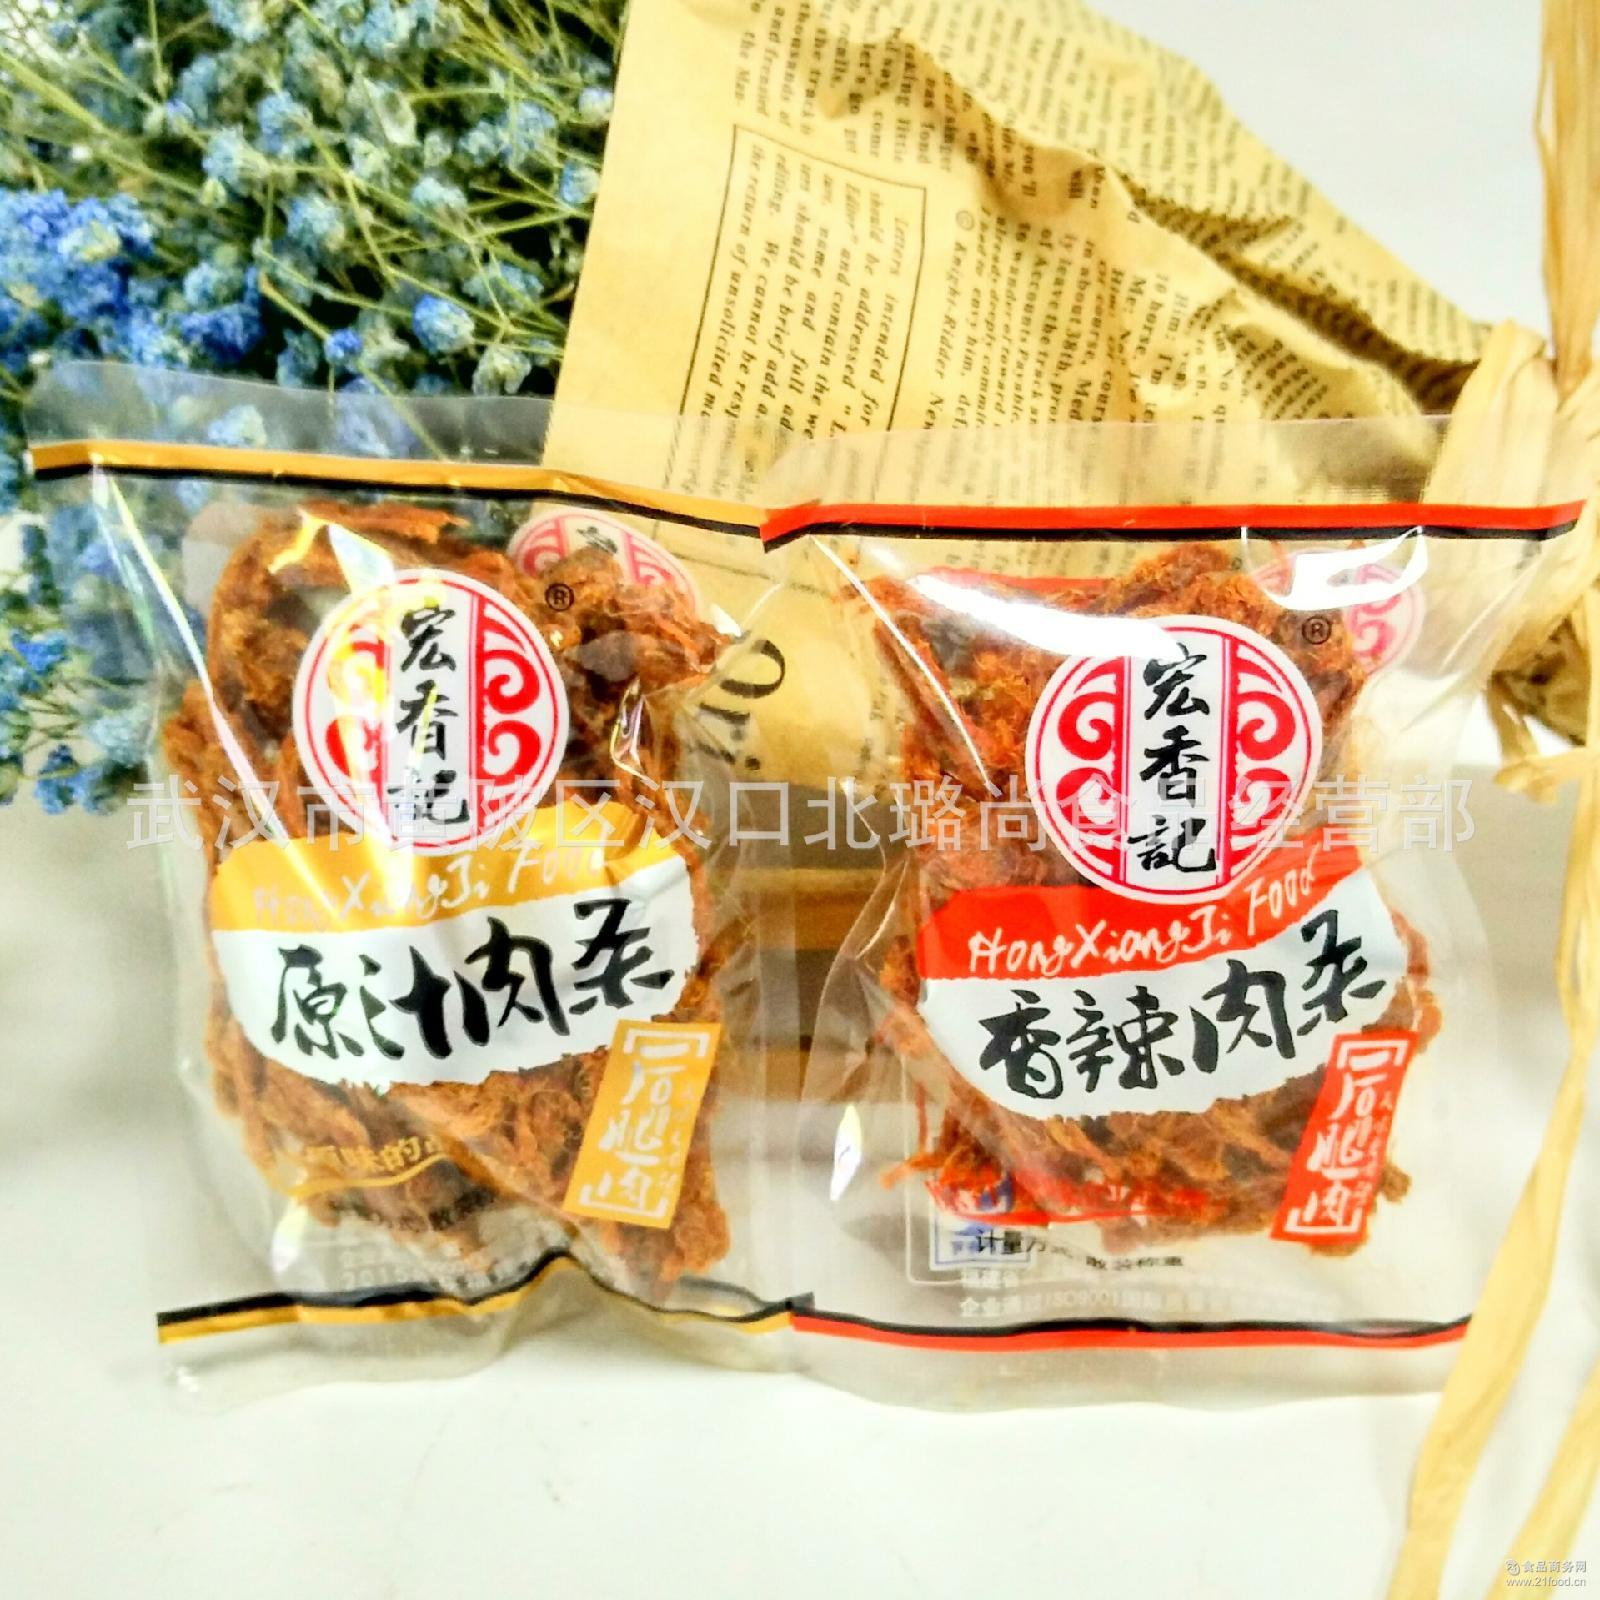 袋 新品宏香记原味肉条 香辣味肉条猪肉干零食独立小包装5斤